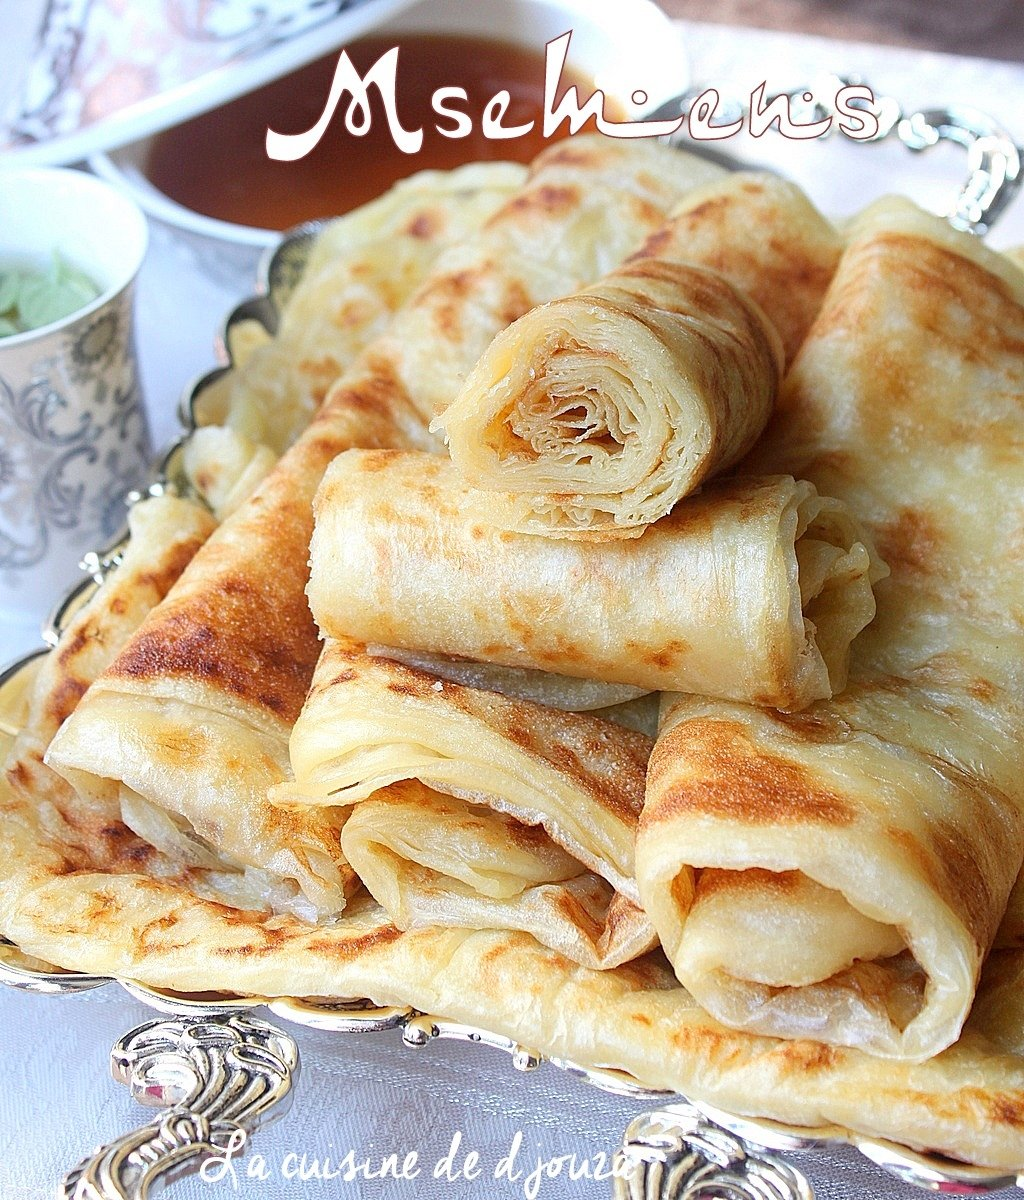 Msemen recette de crêpes carrés algériennes